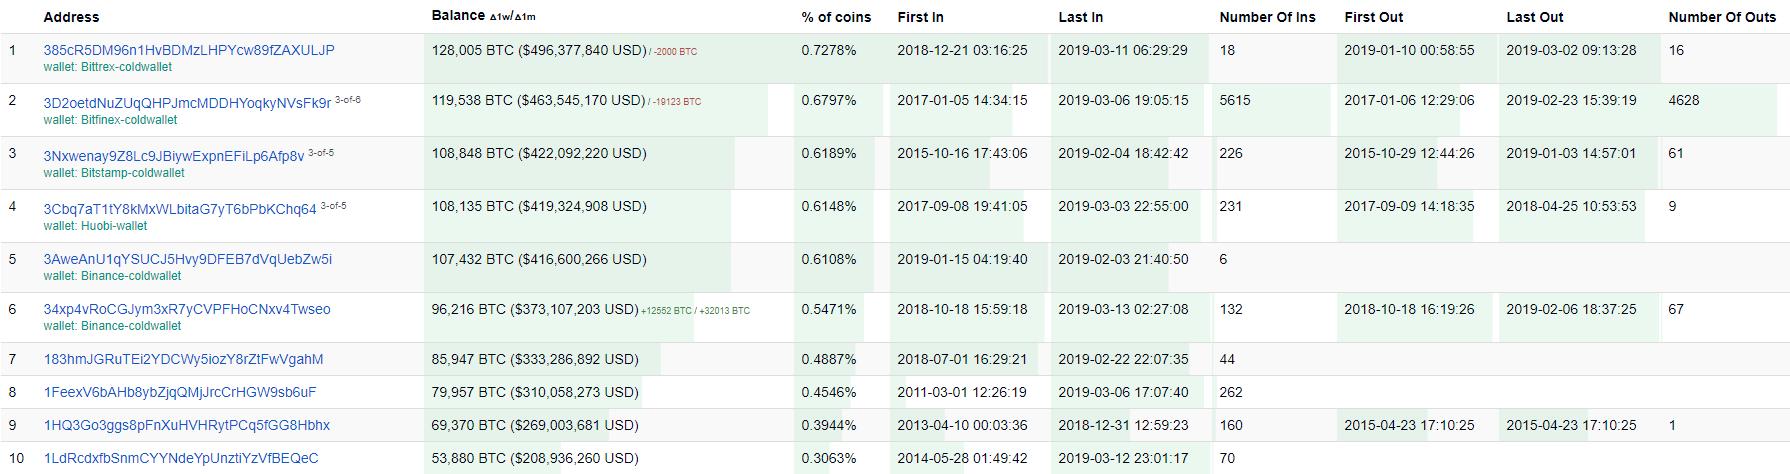 ТОП-10 биткоин-кошельков по состоянию на 14.03.2019 г.